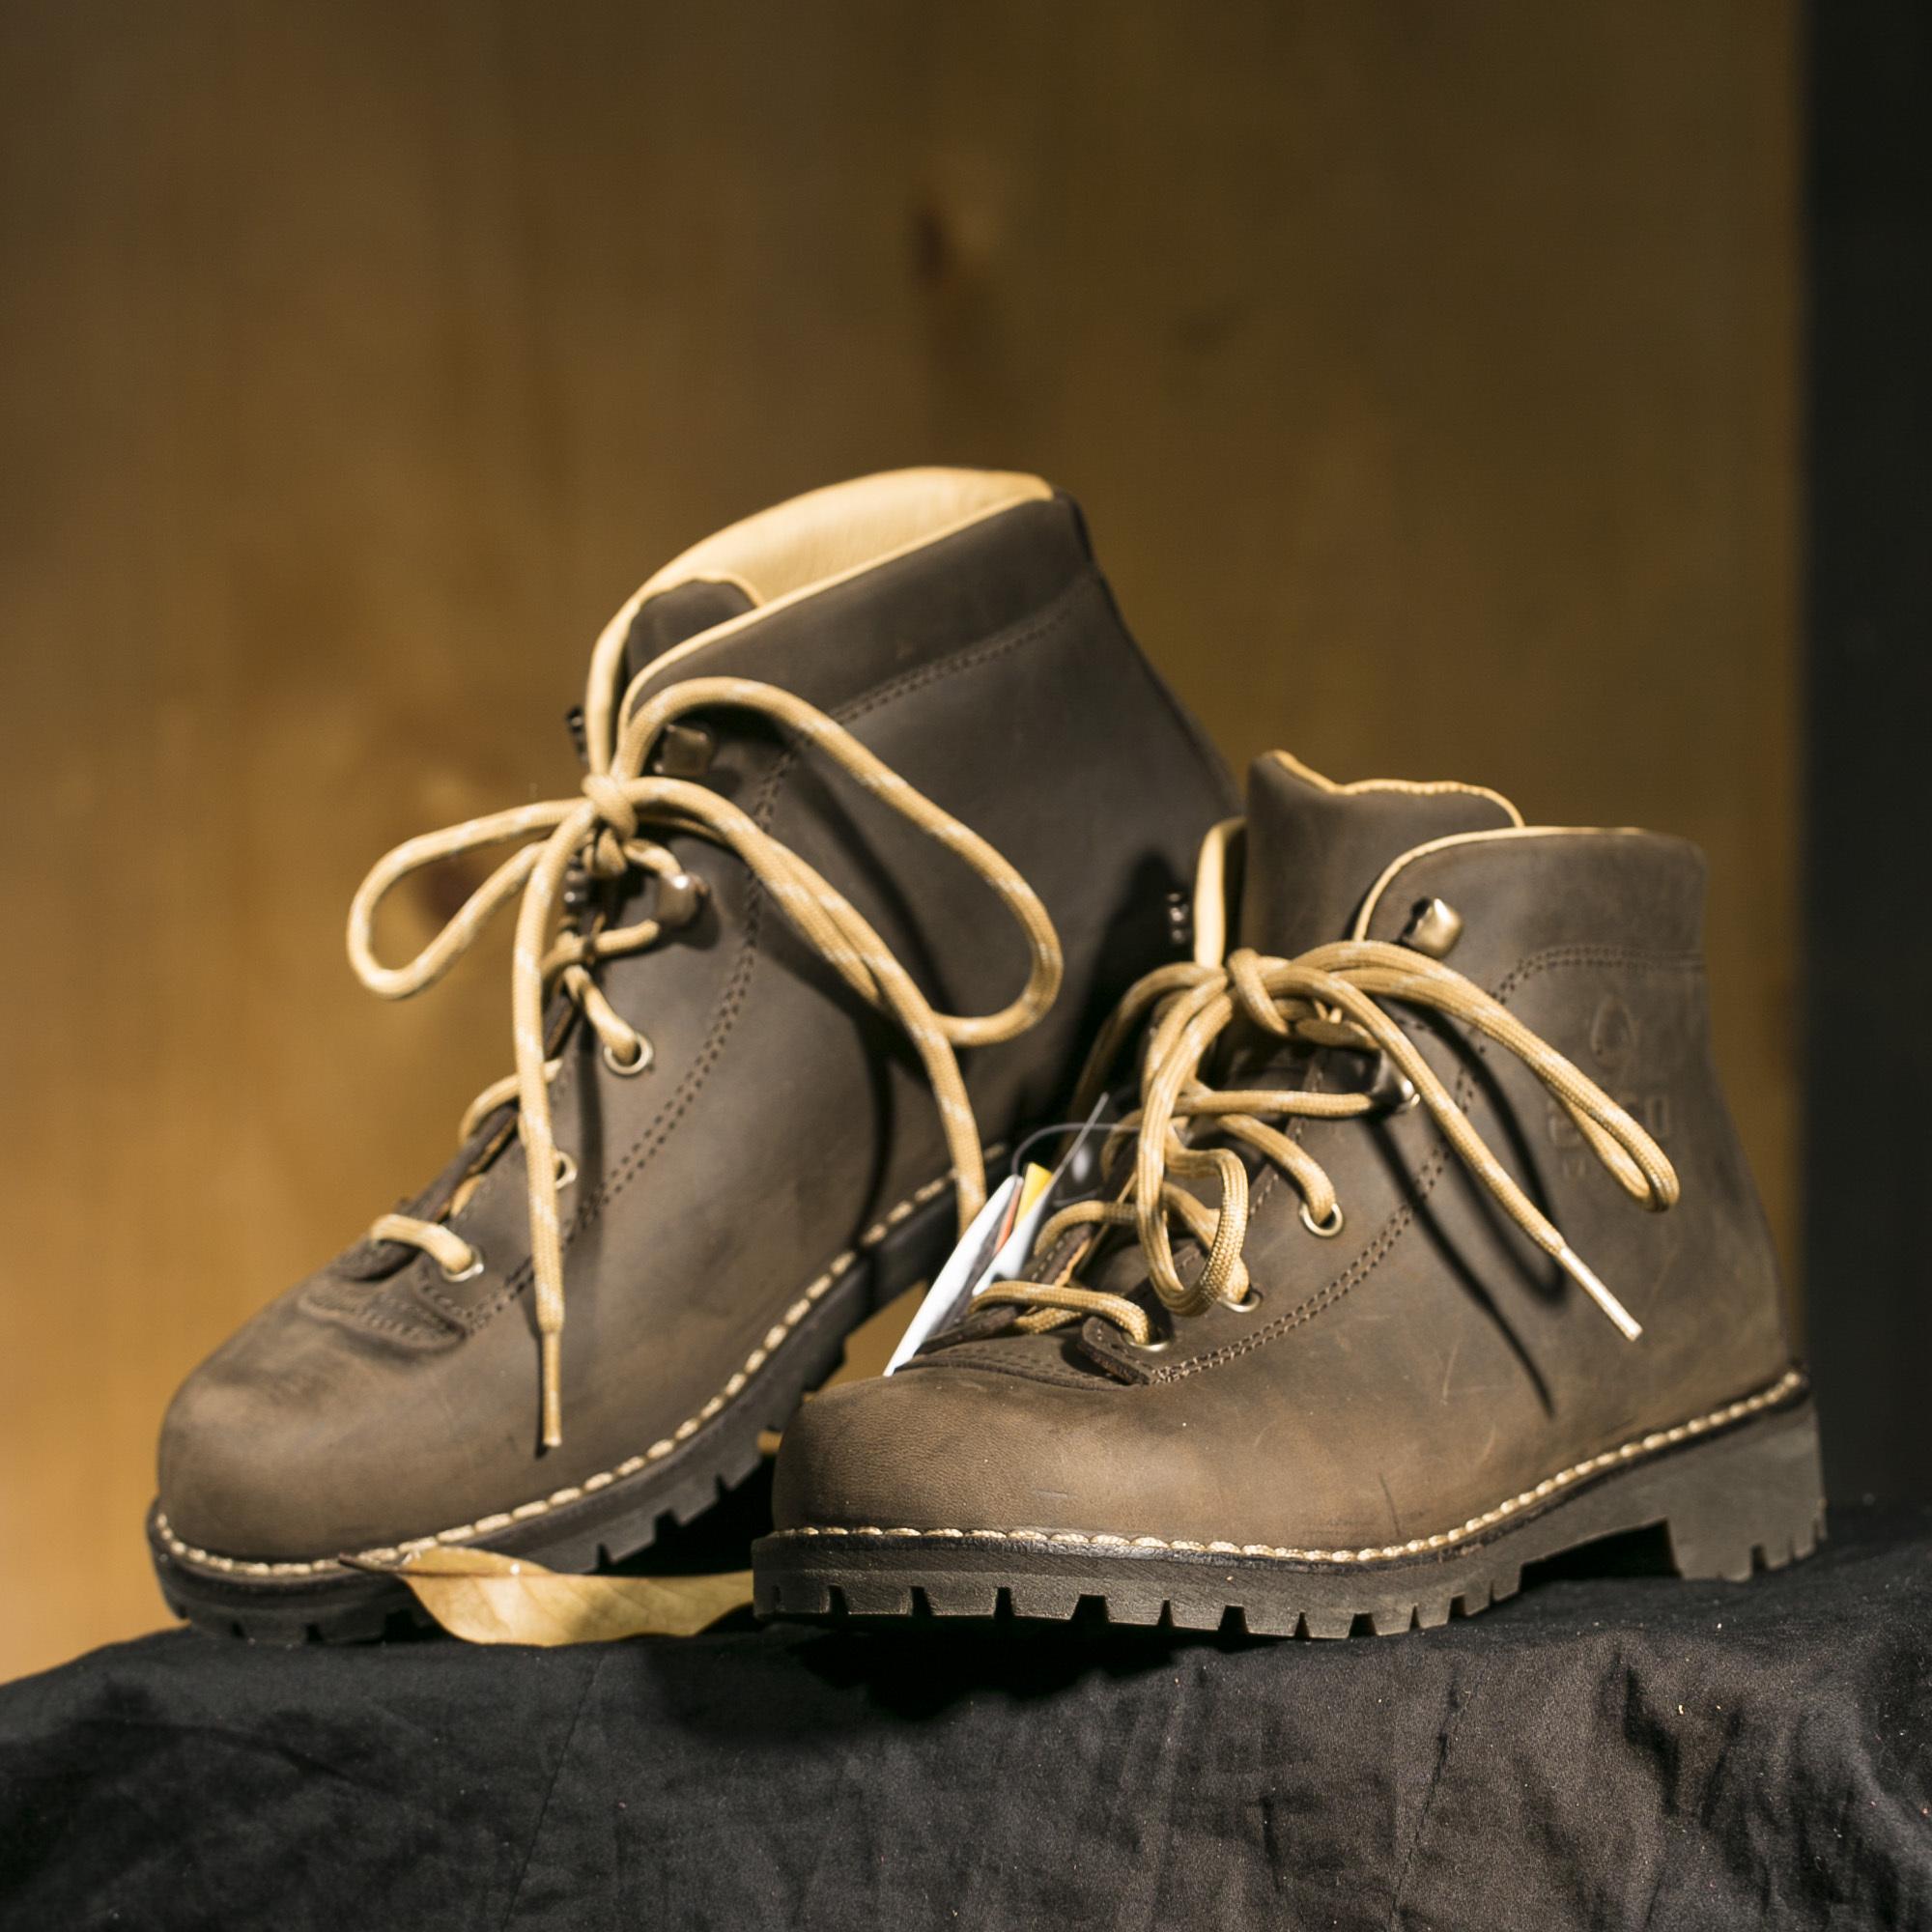 意大利原产alico 阿里克专业户外BELLUNO司战之神耐磨鞋女士 深棕色 36